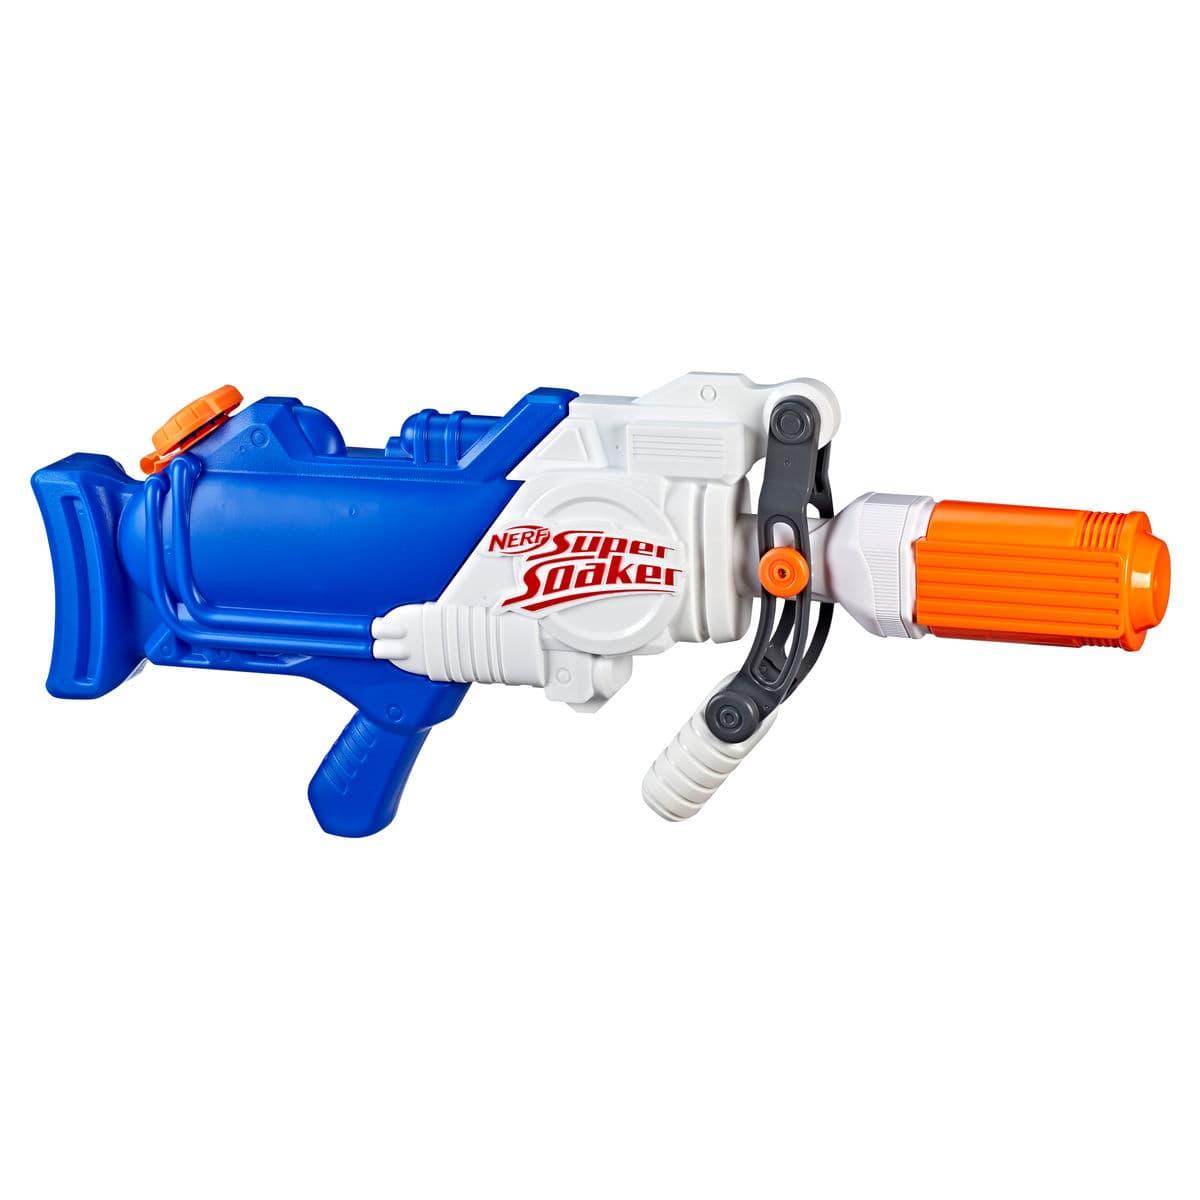 Nerf Super Soaker Hydra Armi giocattolo